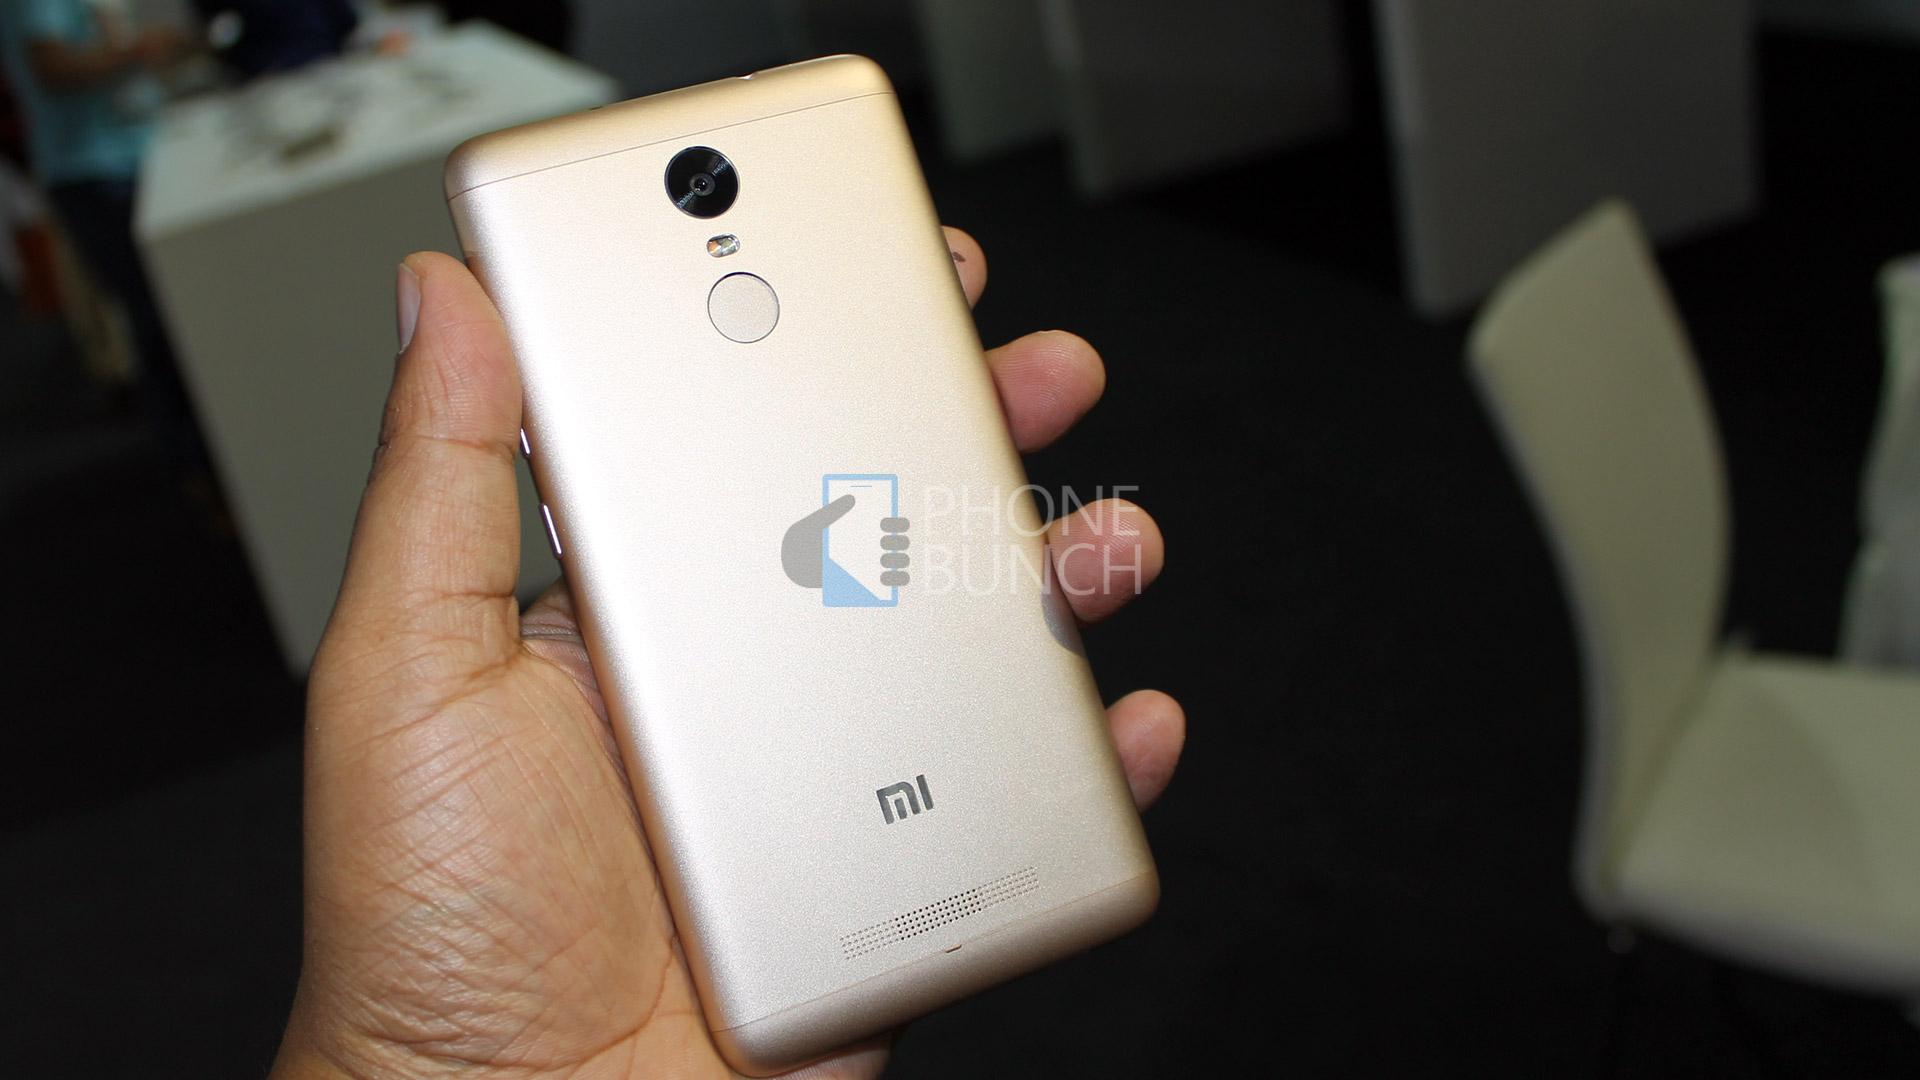 Xiaomi Redmi Note 3 Price, Specifications, Comparison and